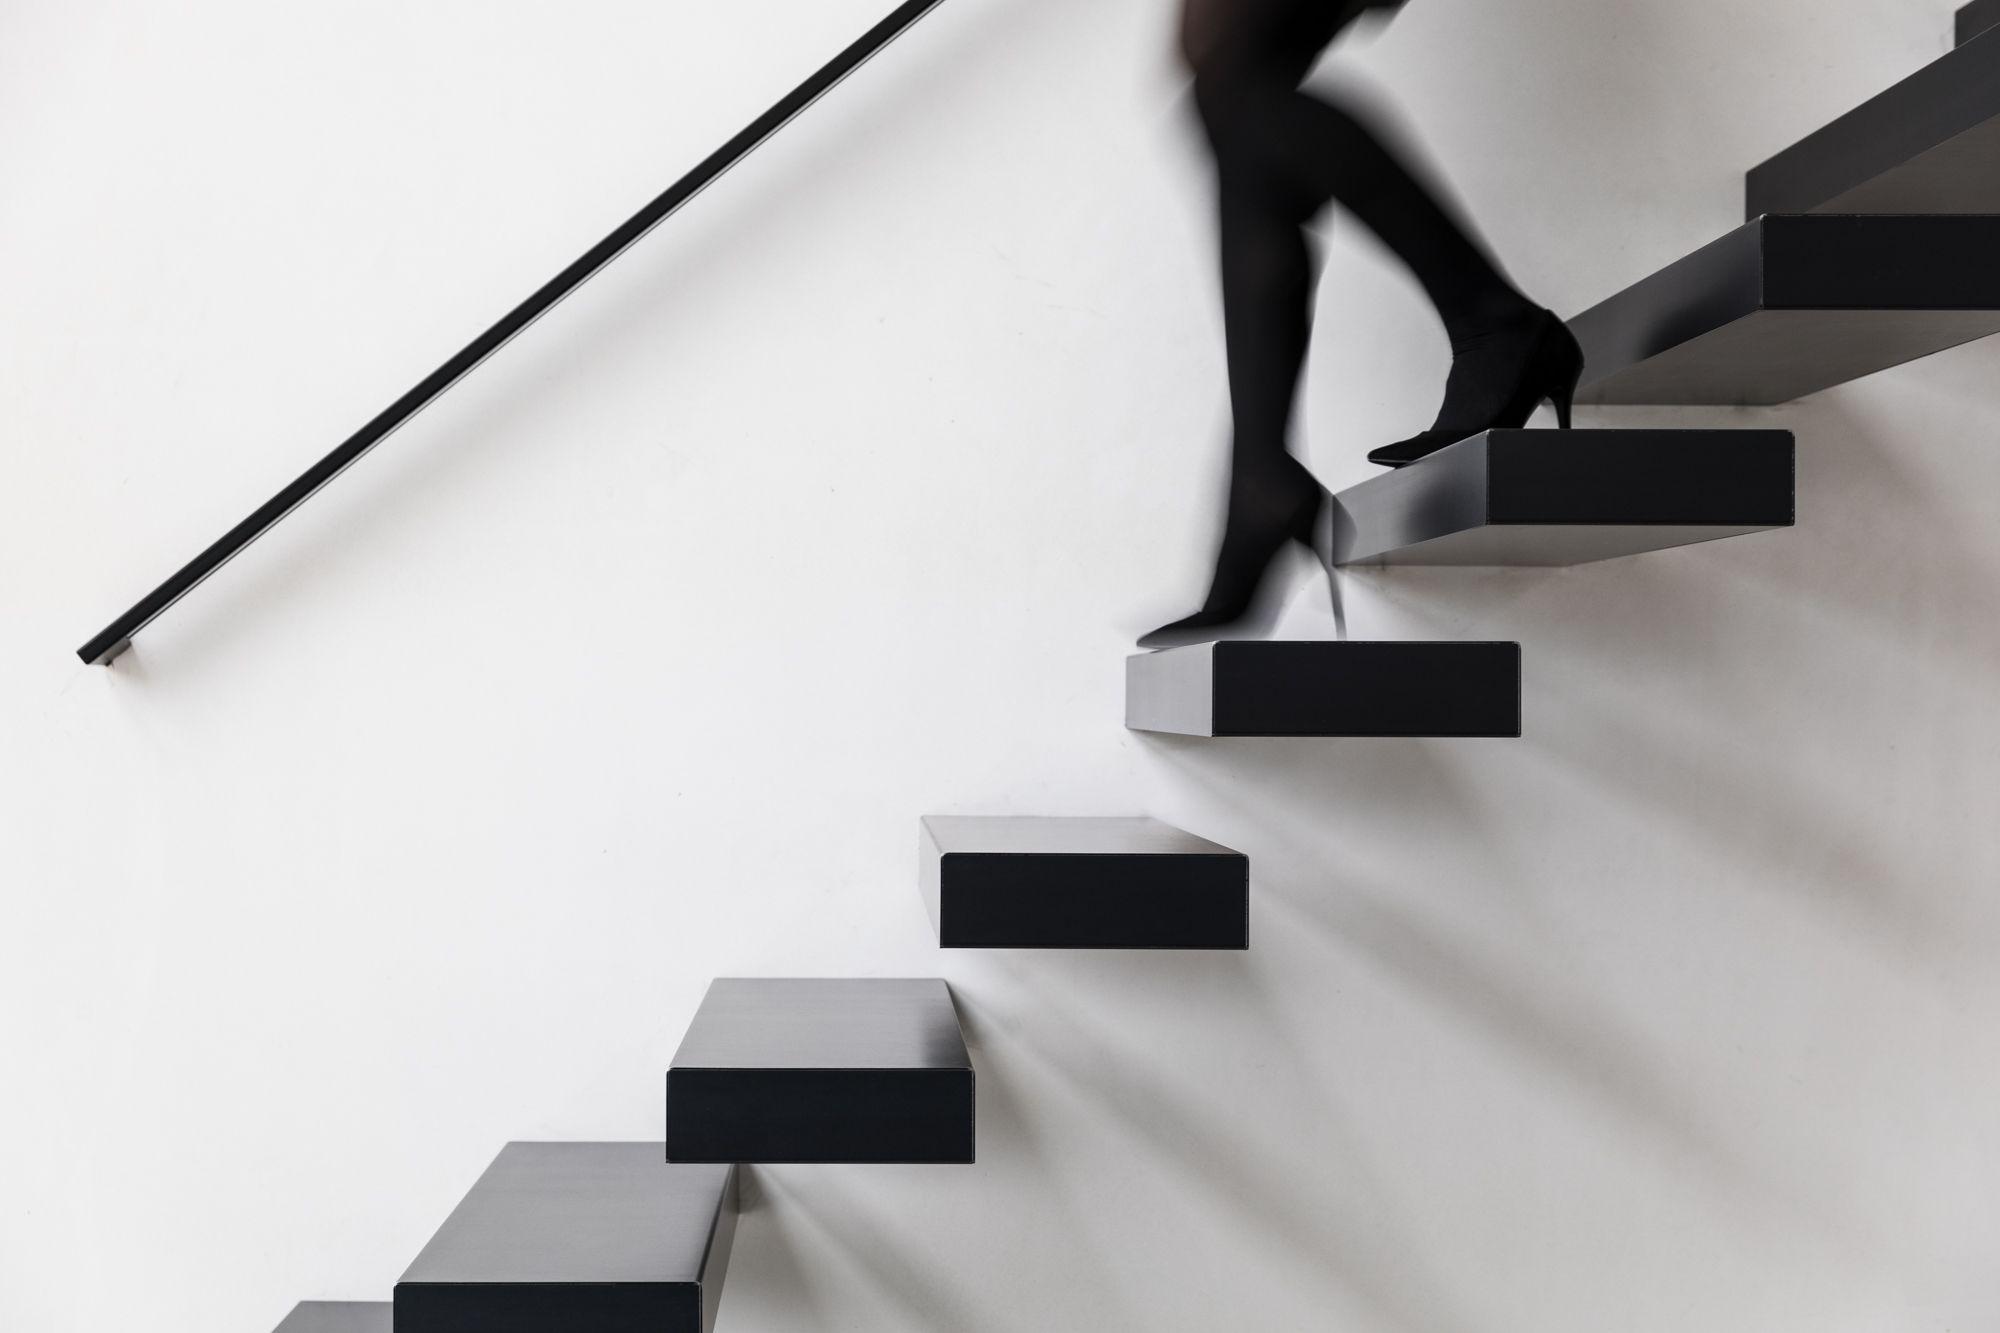 Prijs Zwevende Trap : Deze zwevende trap spreekt tot de verbeelding: de mystiek van